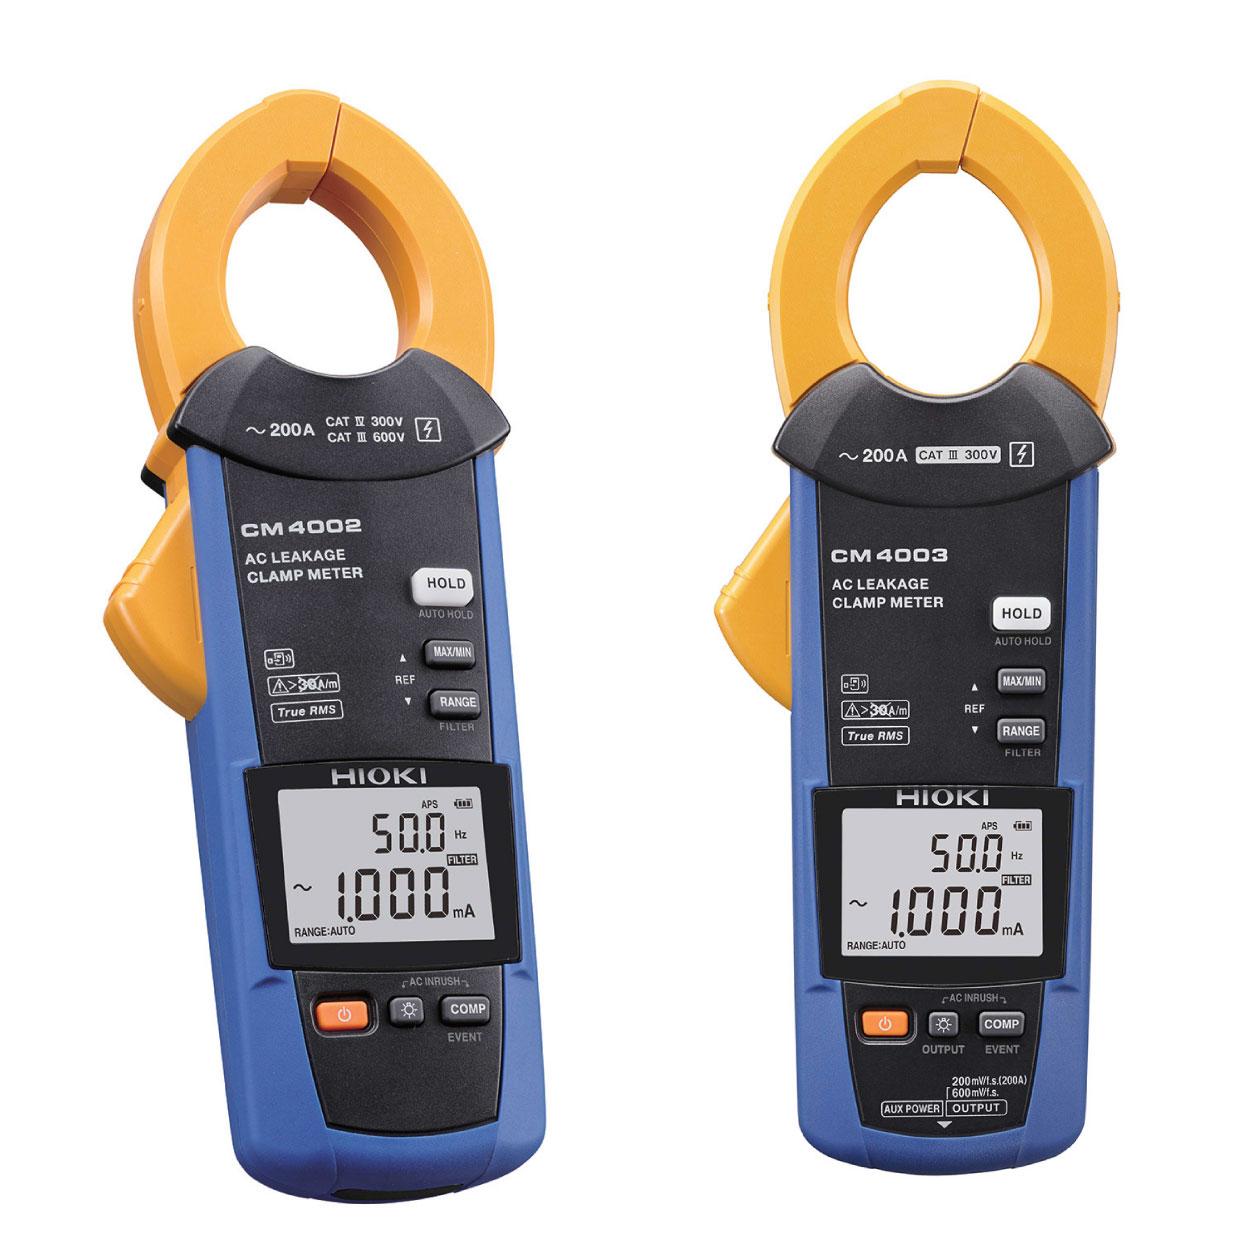 ampe kìm đo dòng rò ac cm4002 cm4003